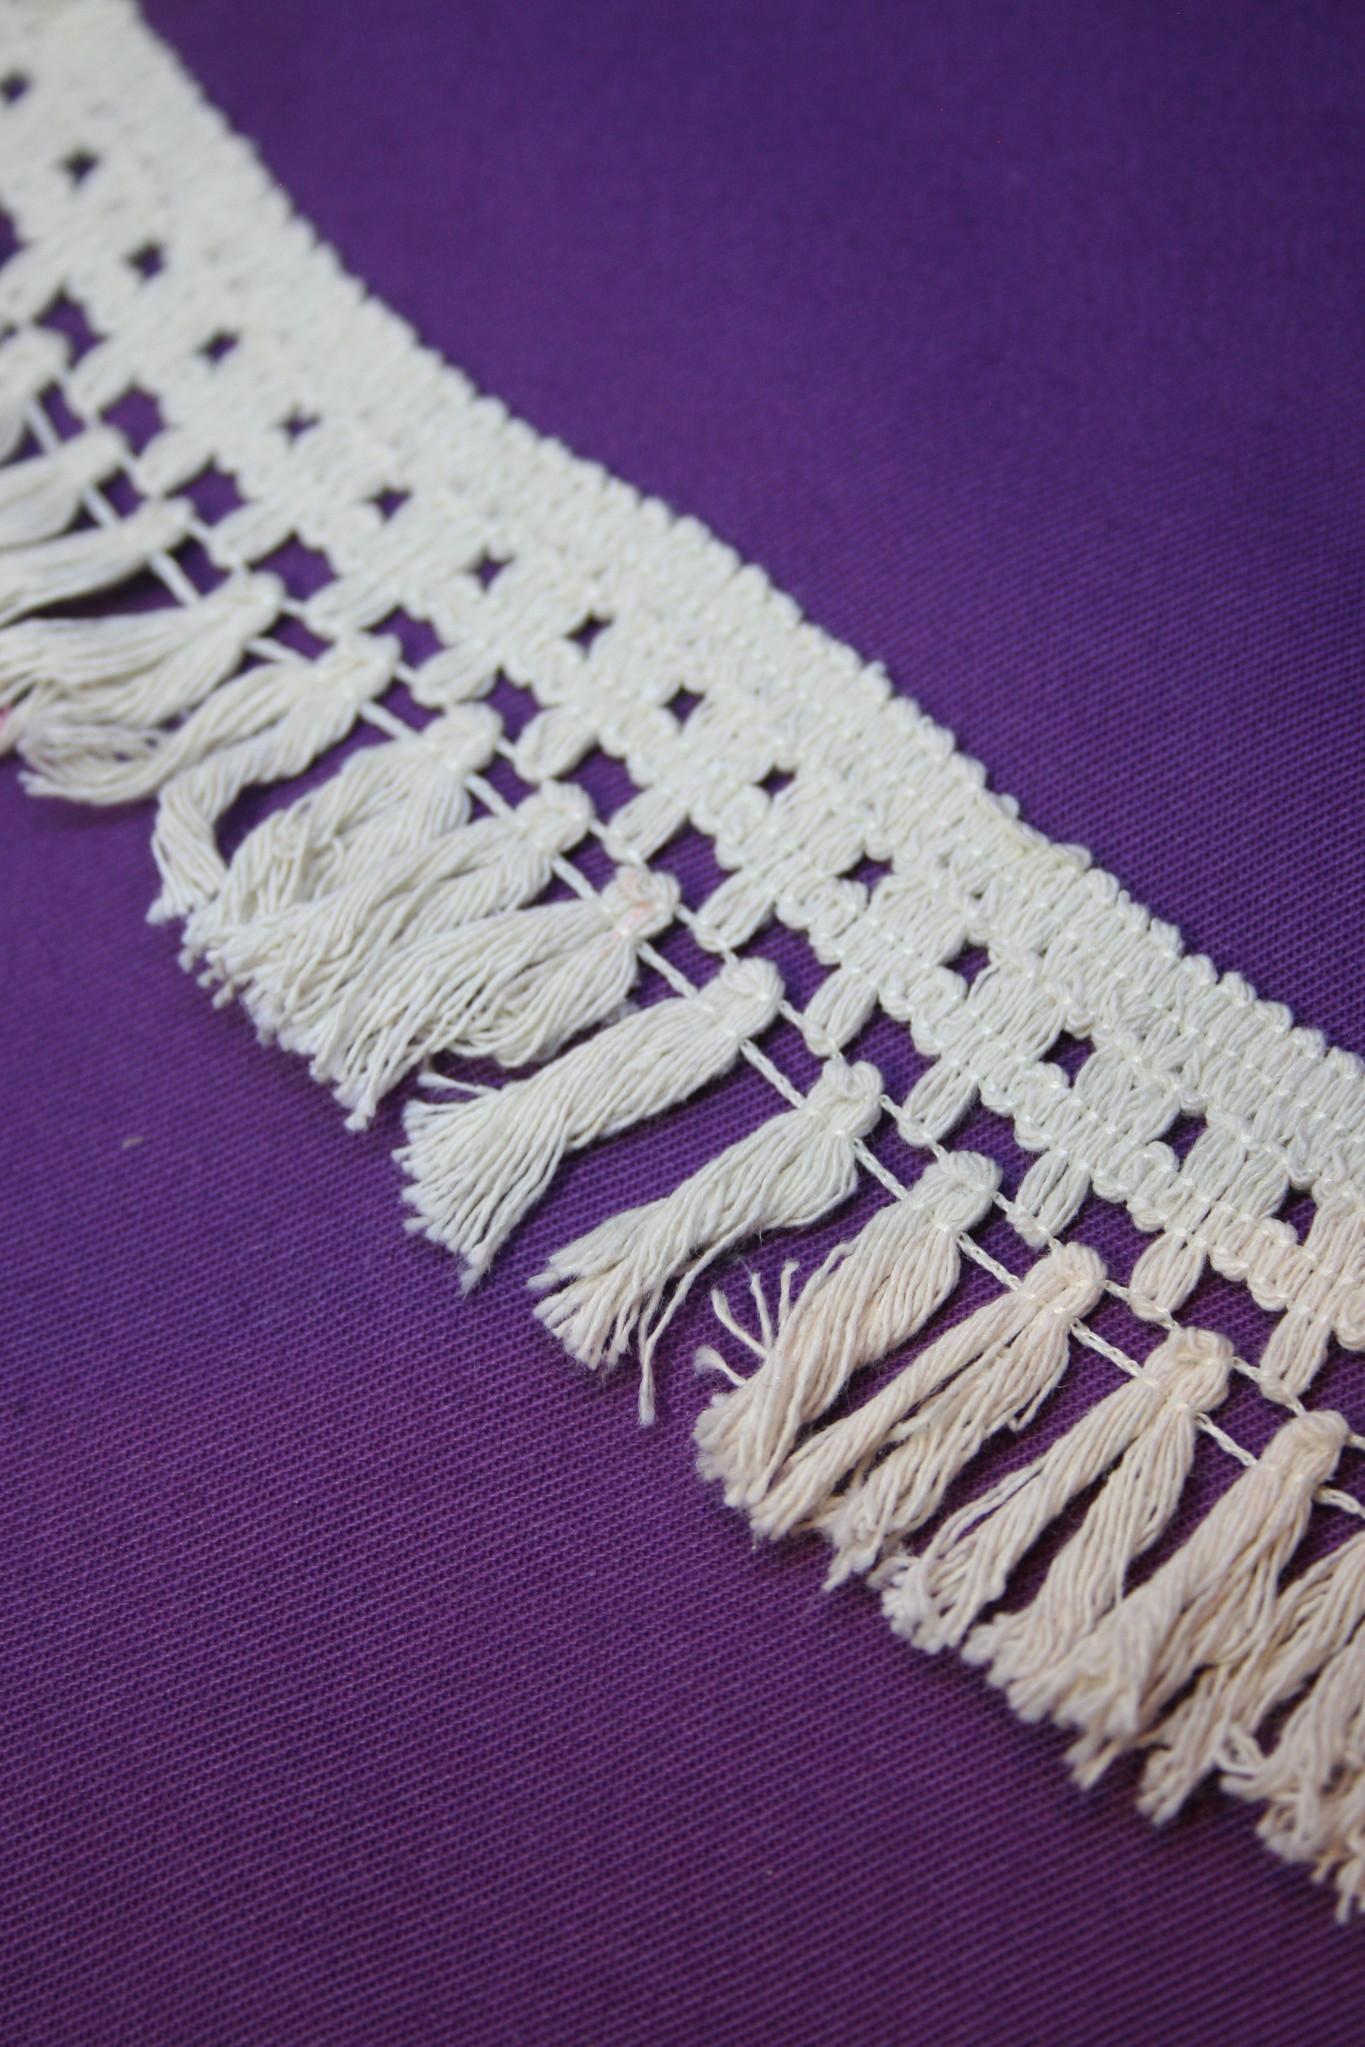 Unbleached cotton tassle trim.